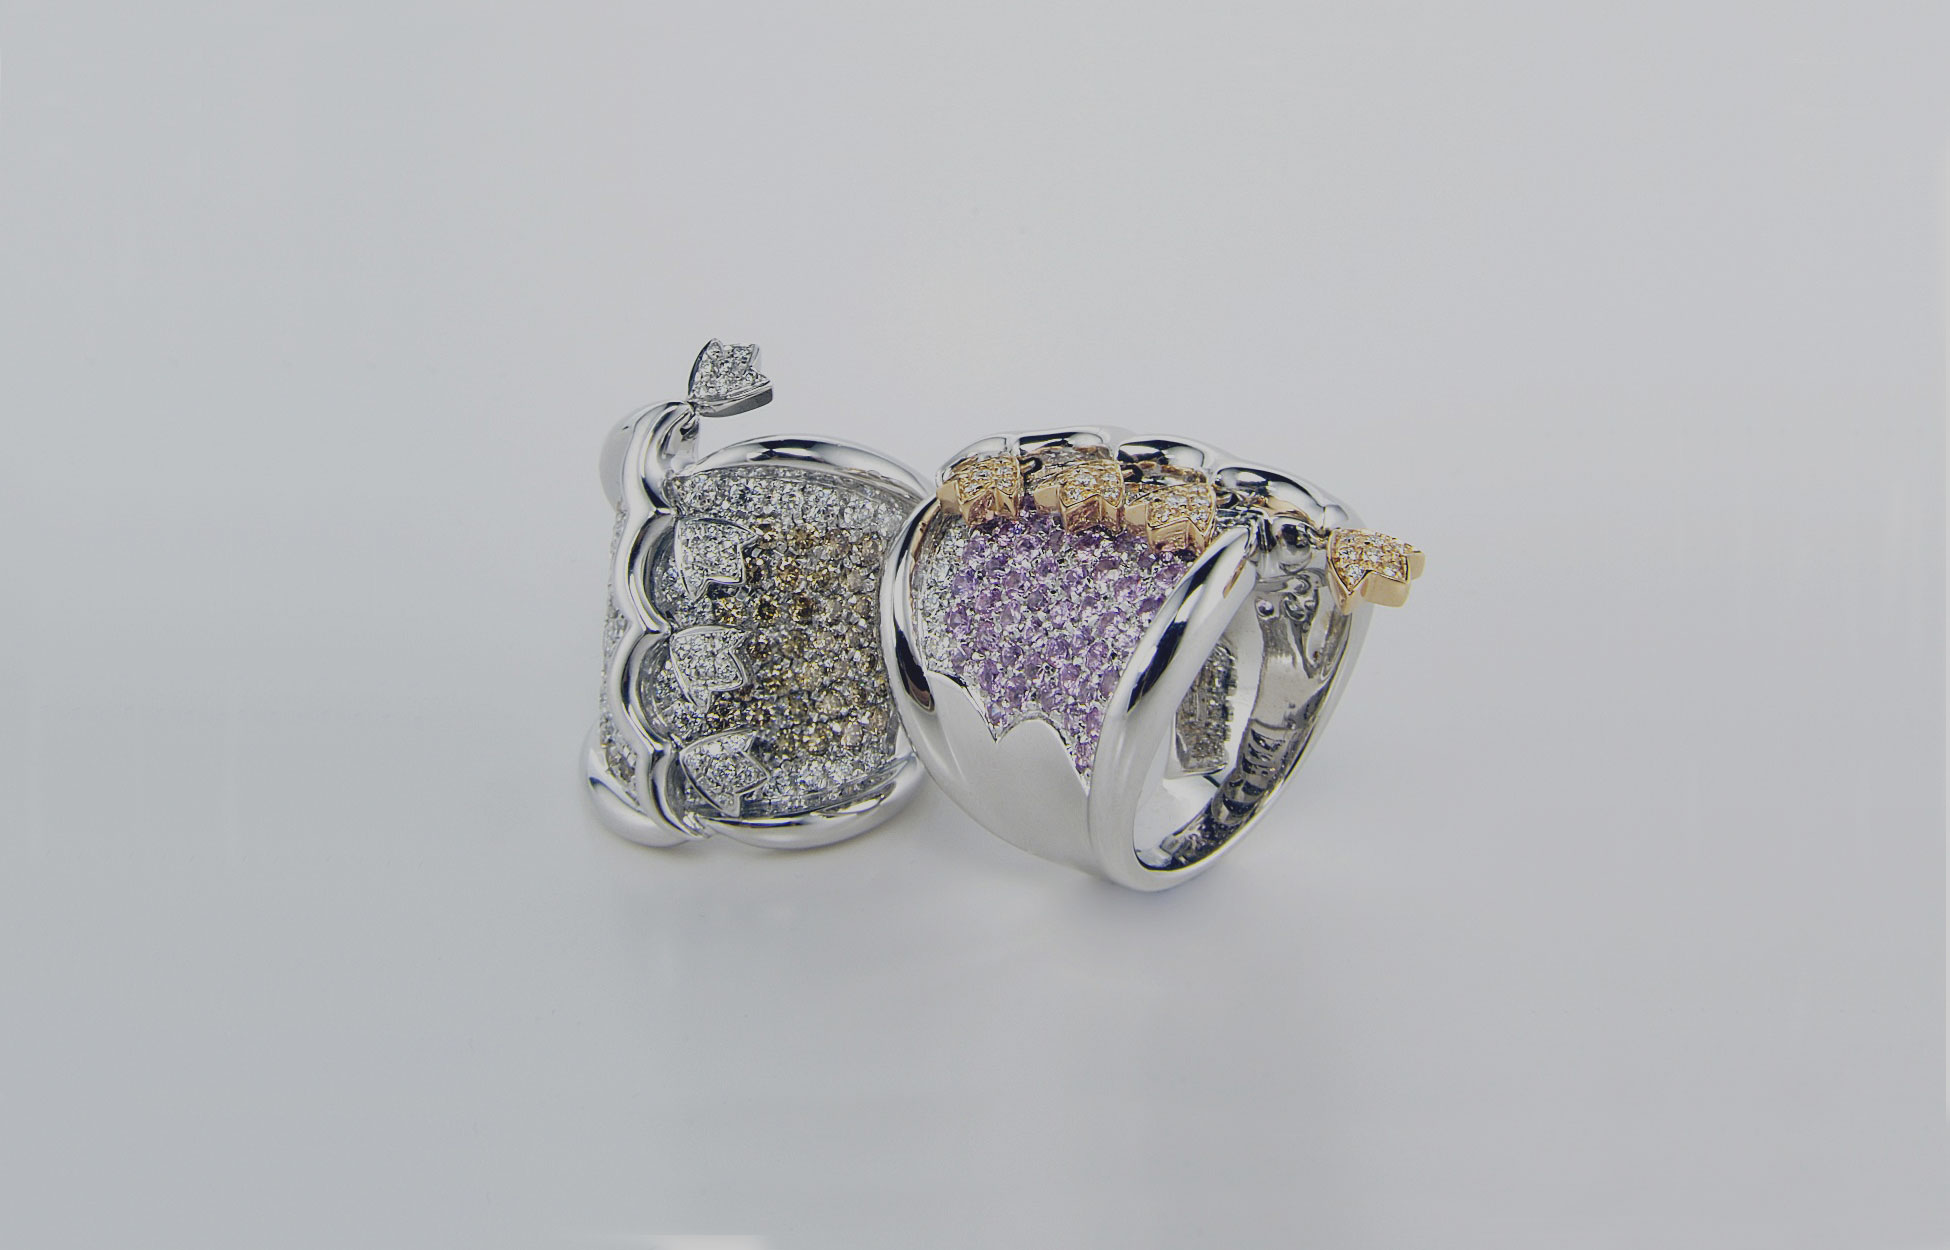 il-marchese-diamonds-diamanti-qualita-gioielli-collane-anelli-pendenti-fidanzamento-matrimonio-collezioni-85